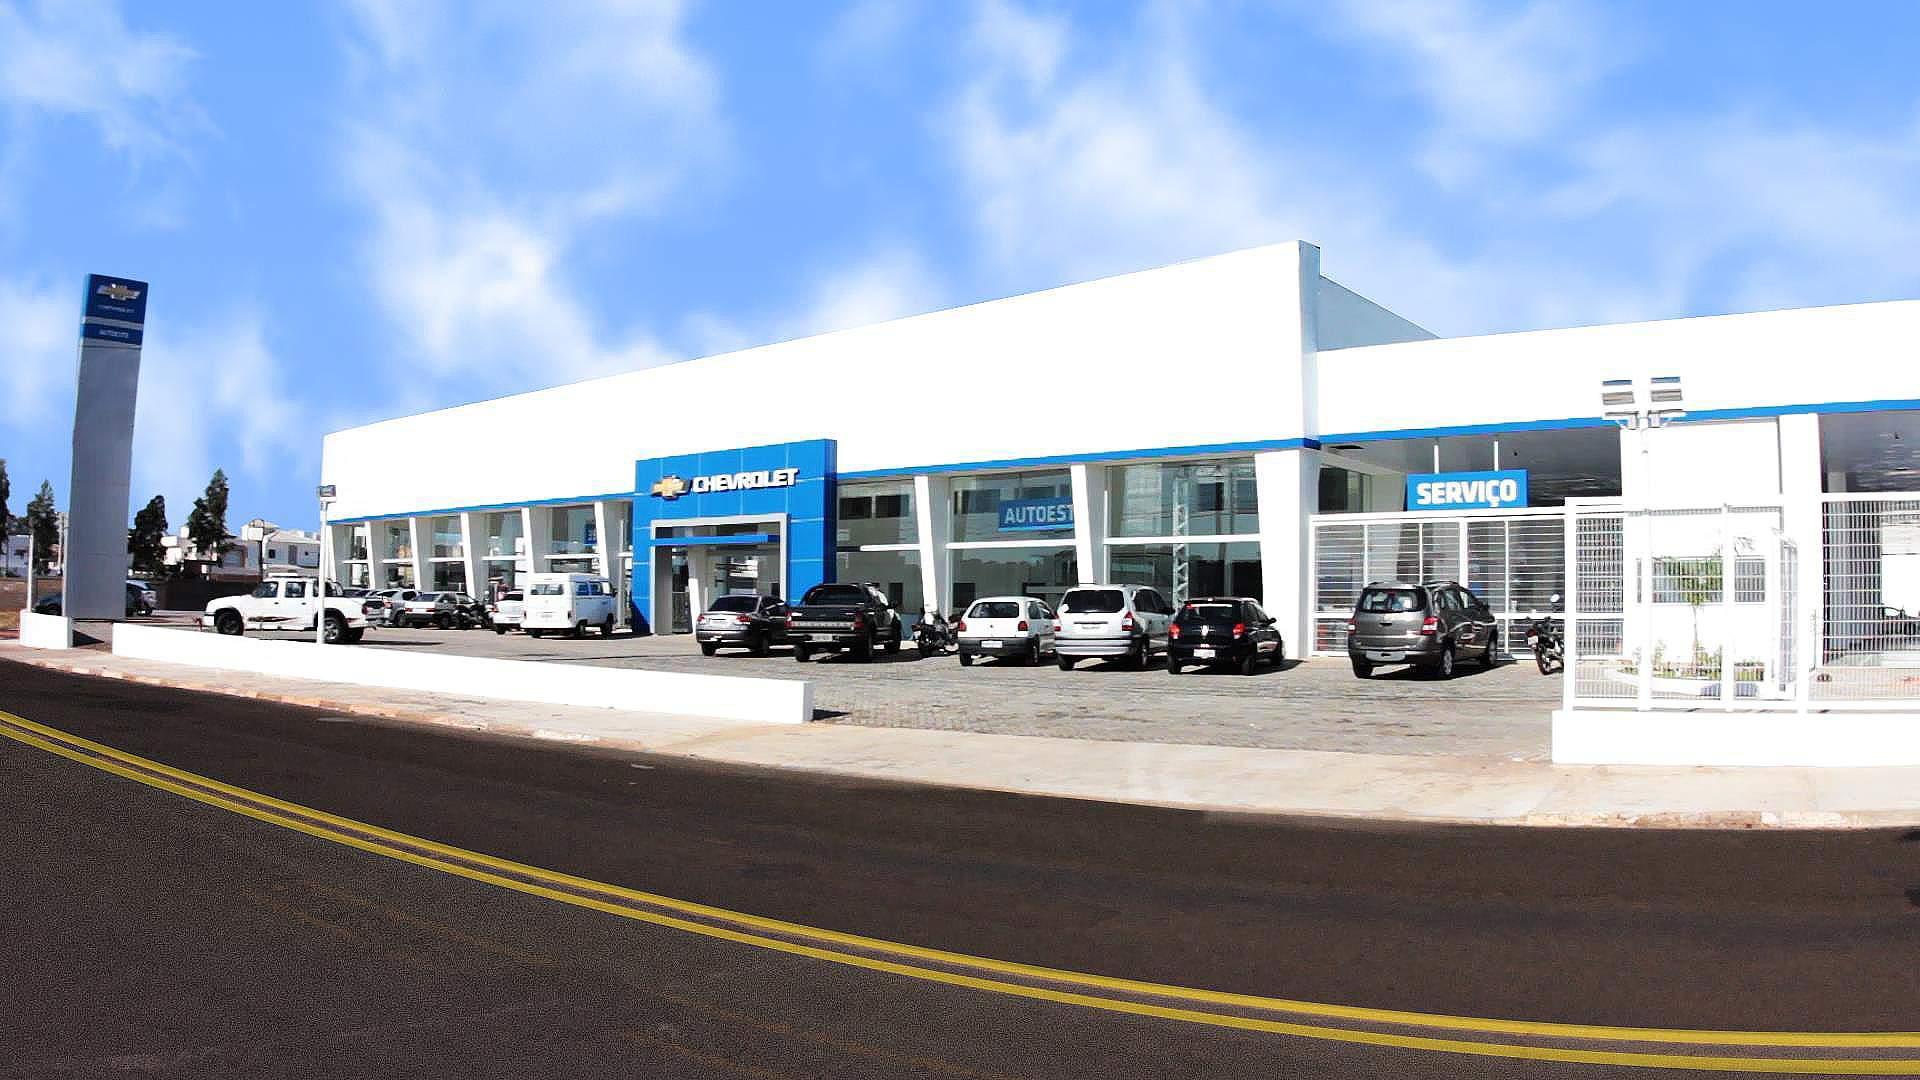 Fachada concessionária Chevrolet Autoeste